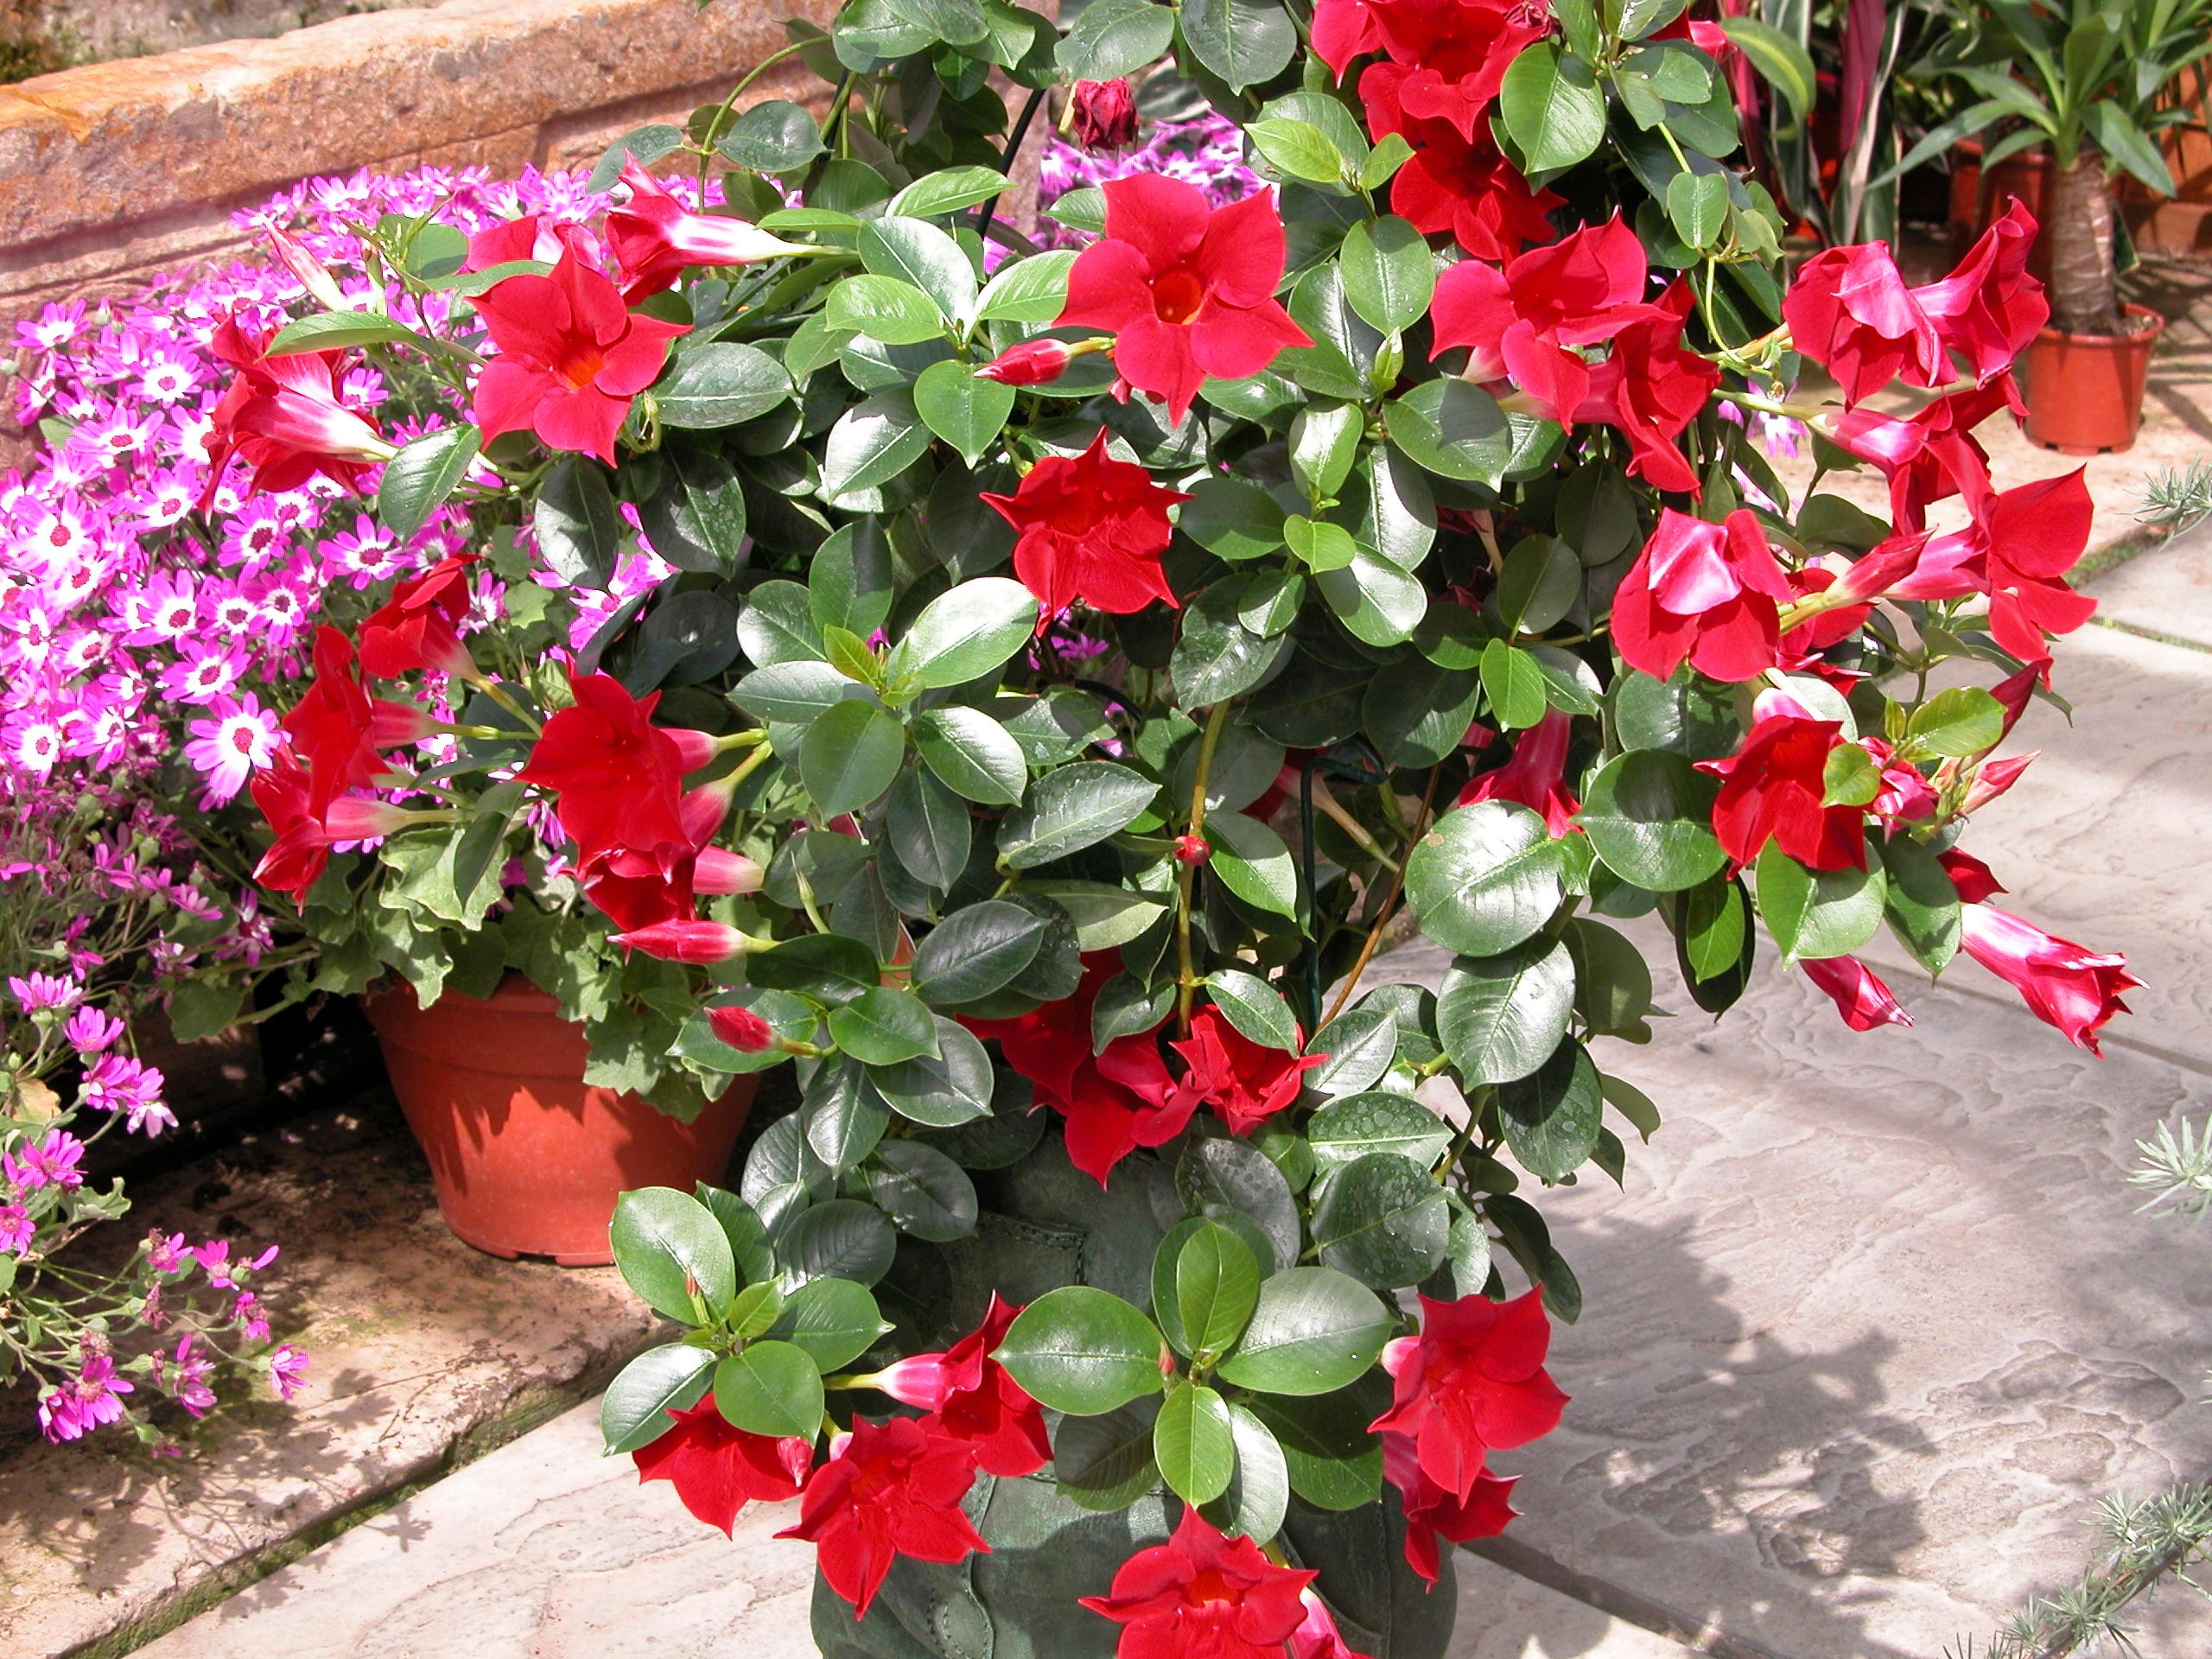 sundaville red mandyplants. Black Bedroom Furniture Sets. Home Design Ideas